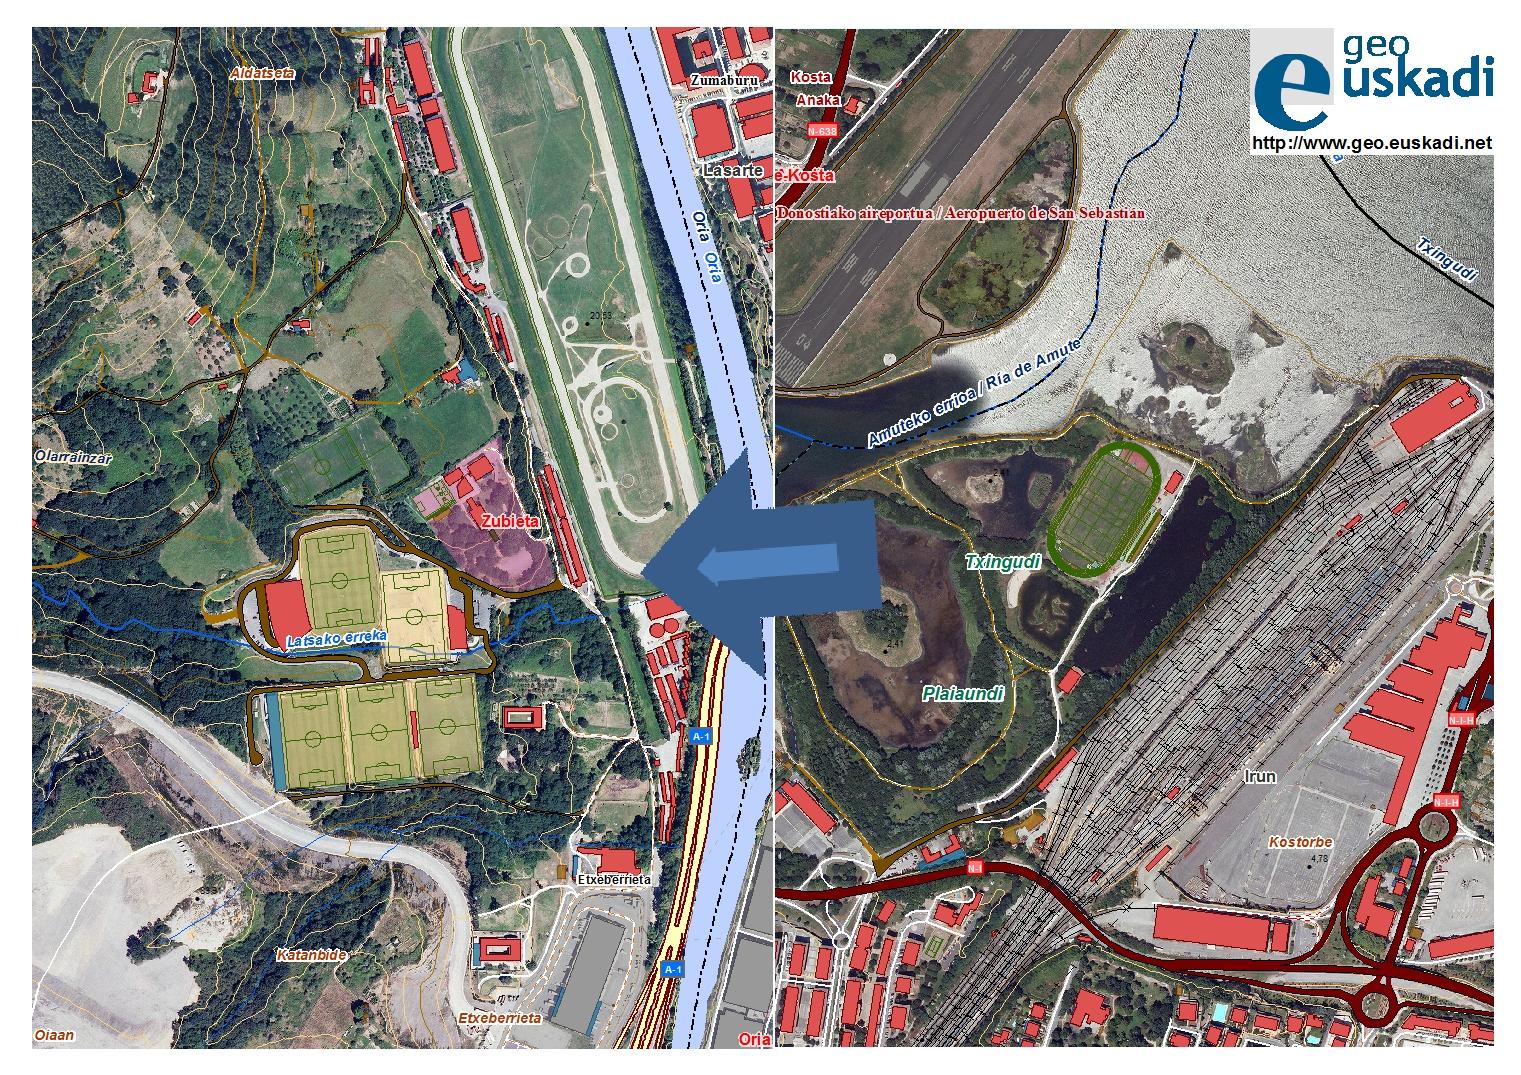 las_instituciones_analizan_posibilidad_traslado_del_complejo_rugby_atletismo_txingudi_zubieta.jpg